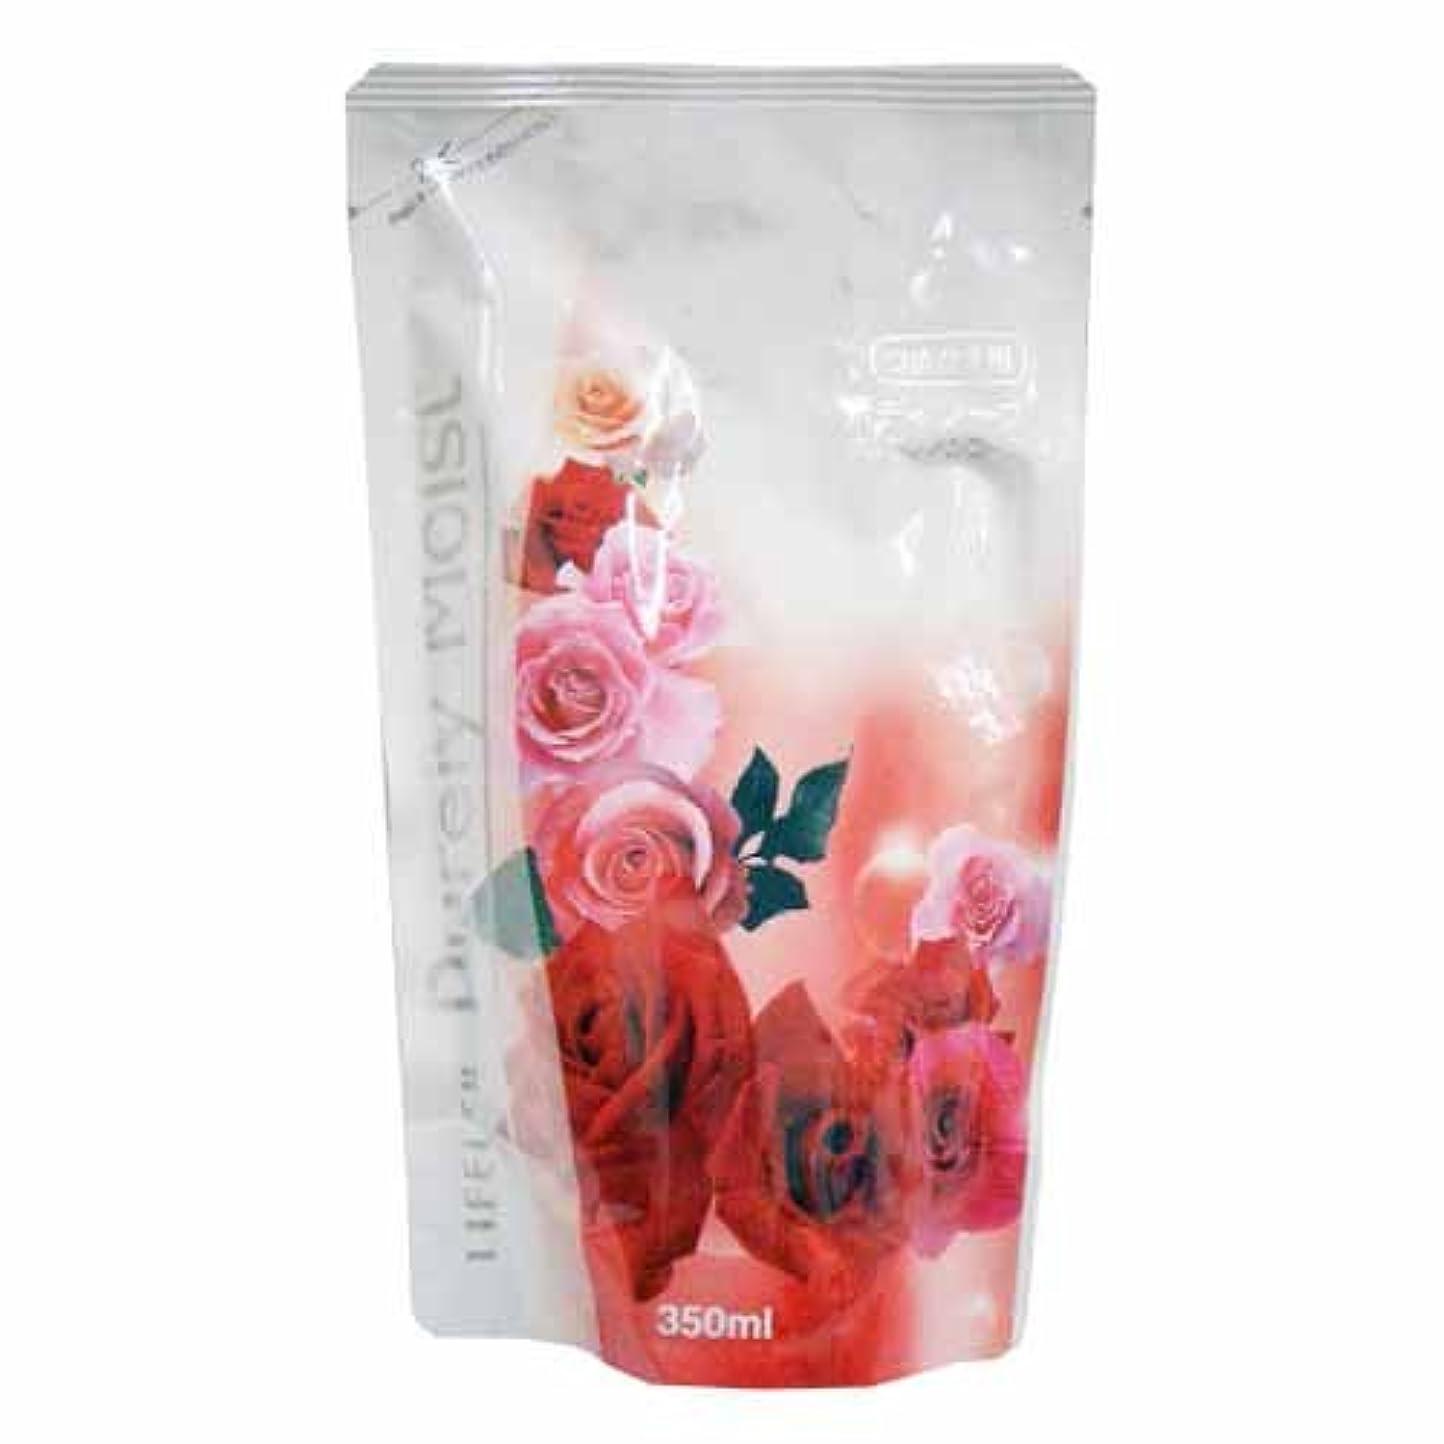 傾斜魅力的であることへのアピール未満コーナンオリジナル Purely Moist ボディソープ ブルガリアンローズの香り つめかえ用 350ml